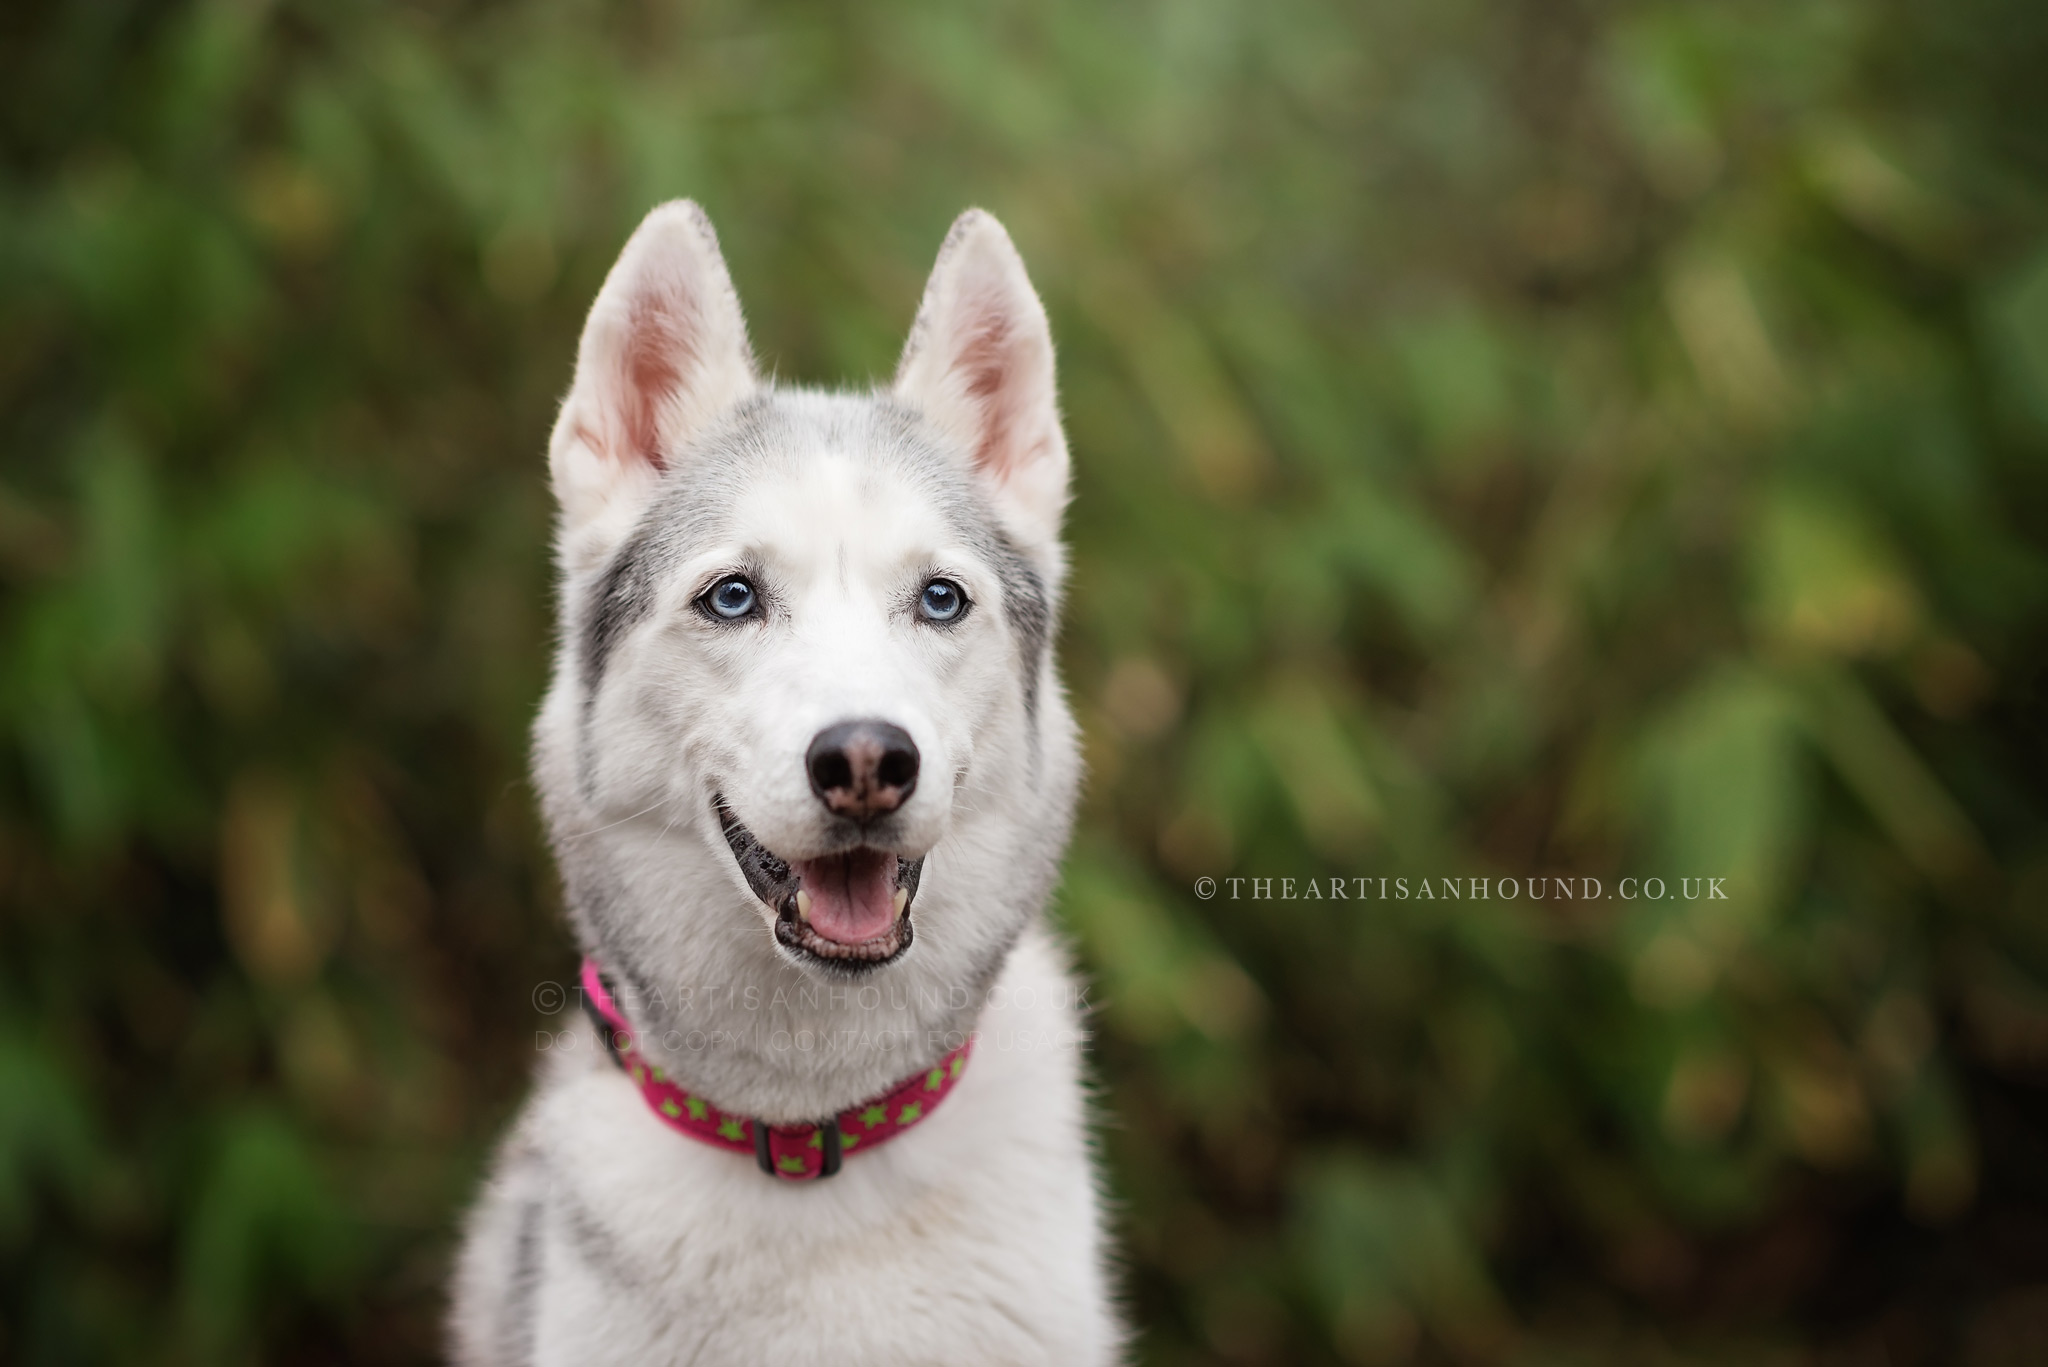 husky-dog-portrait-photography